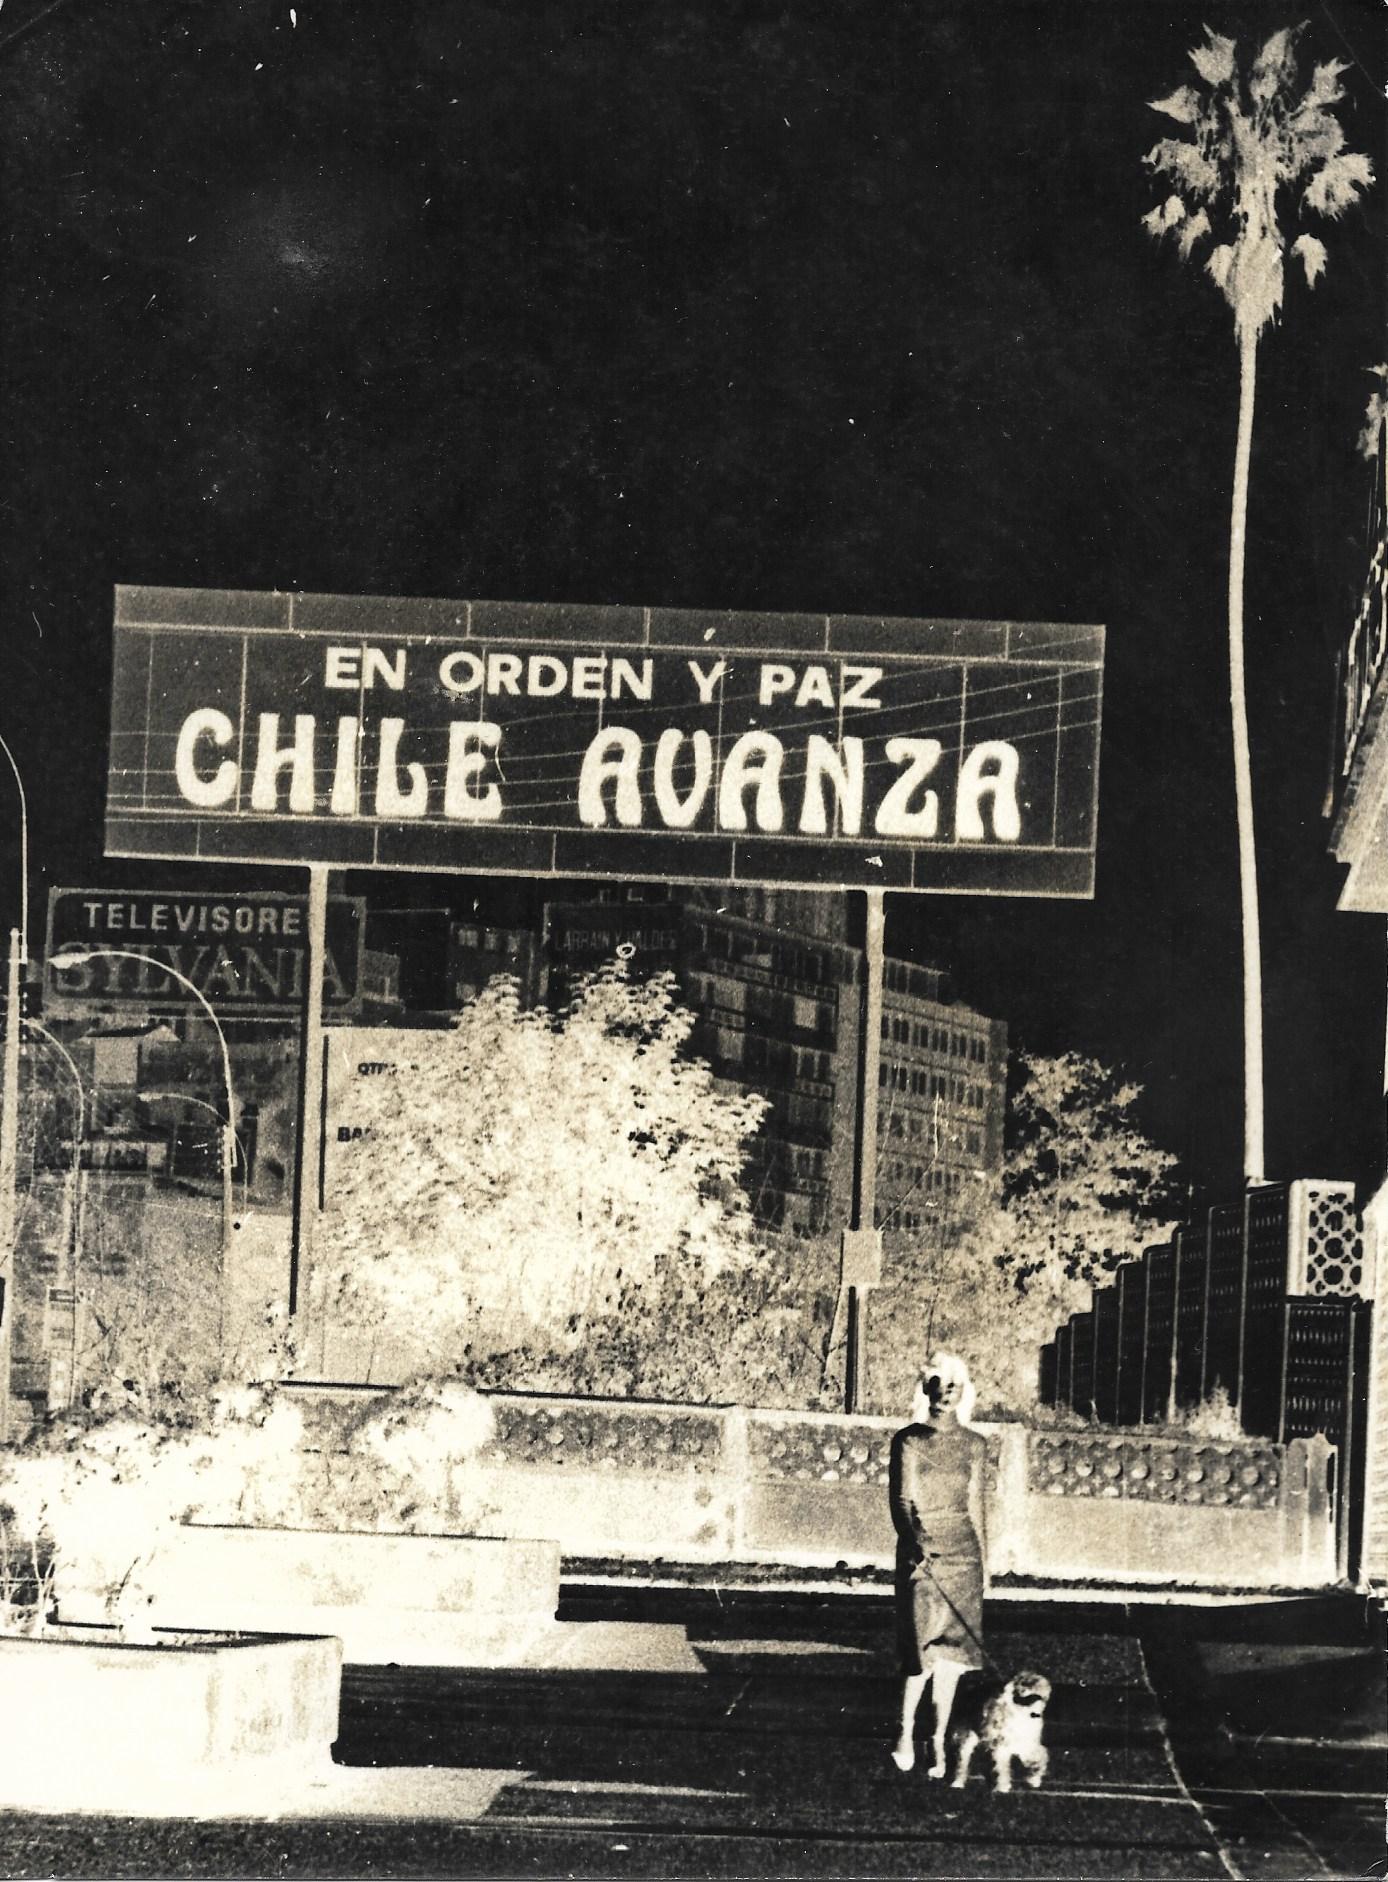 <span>'Chile Avanza'</span>